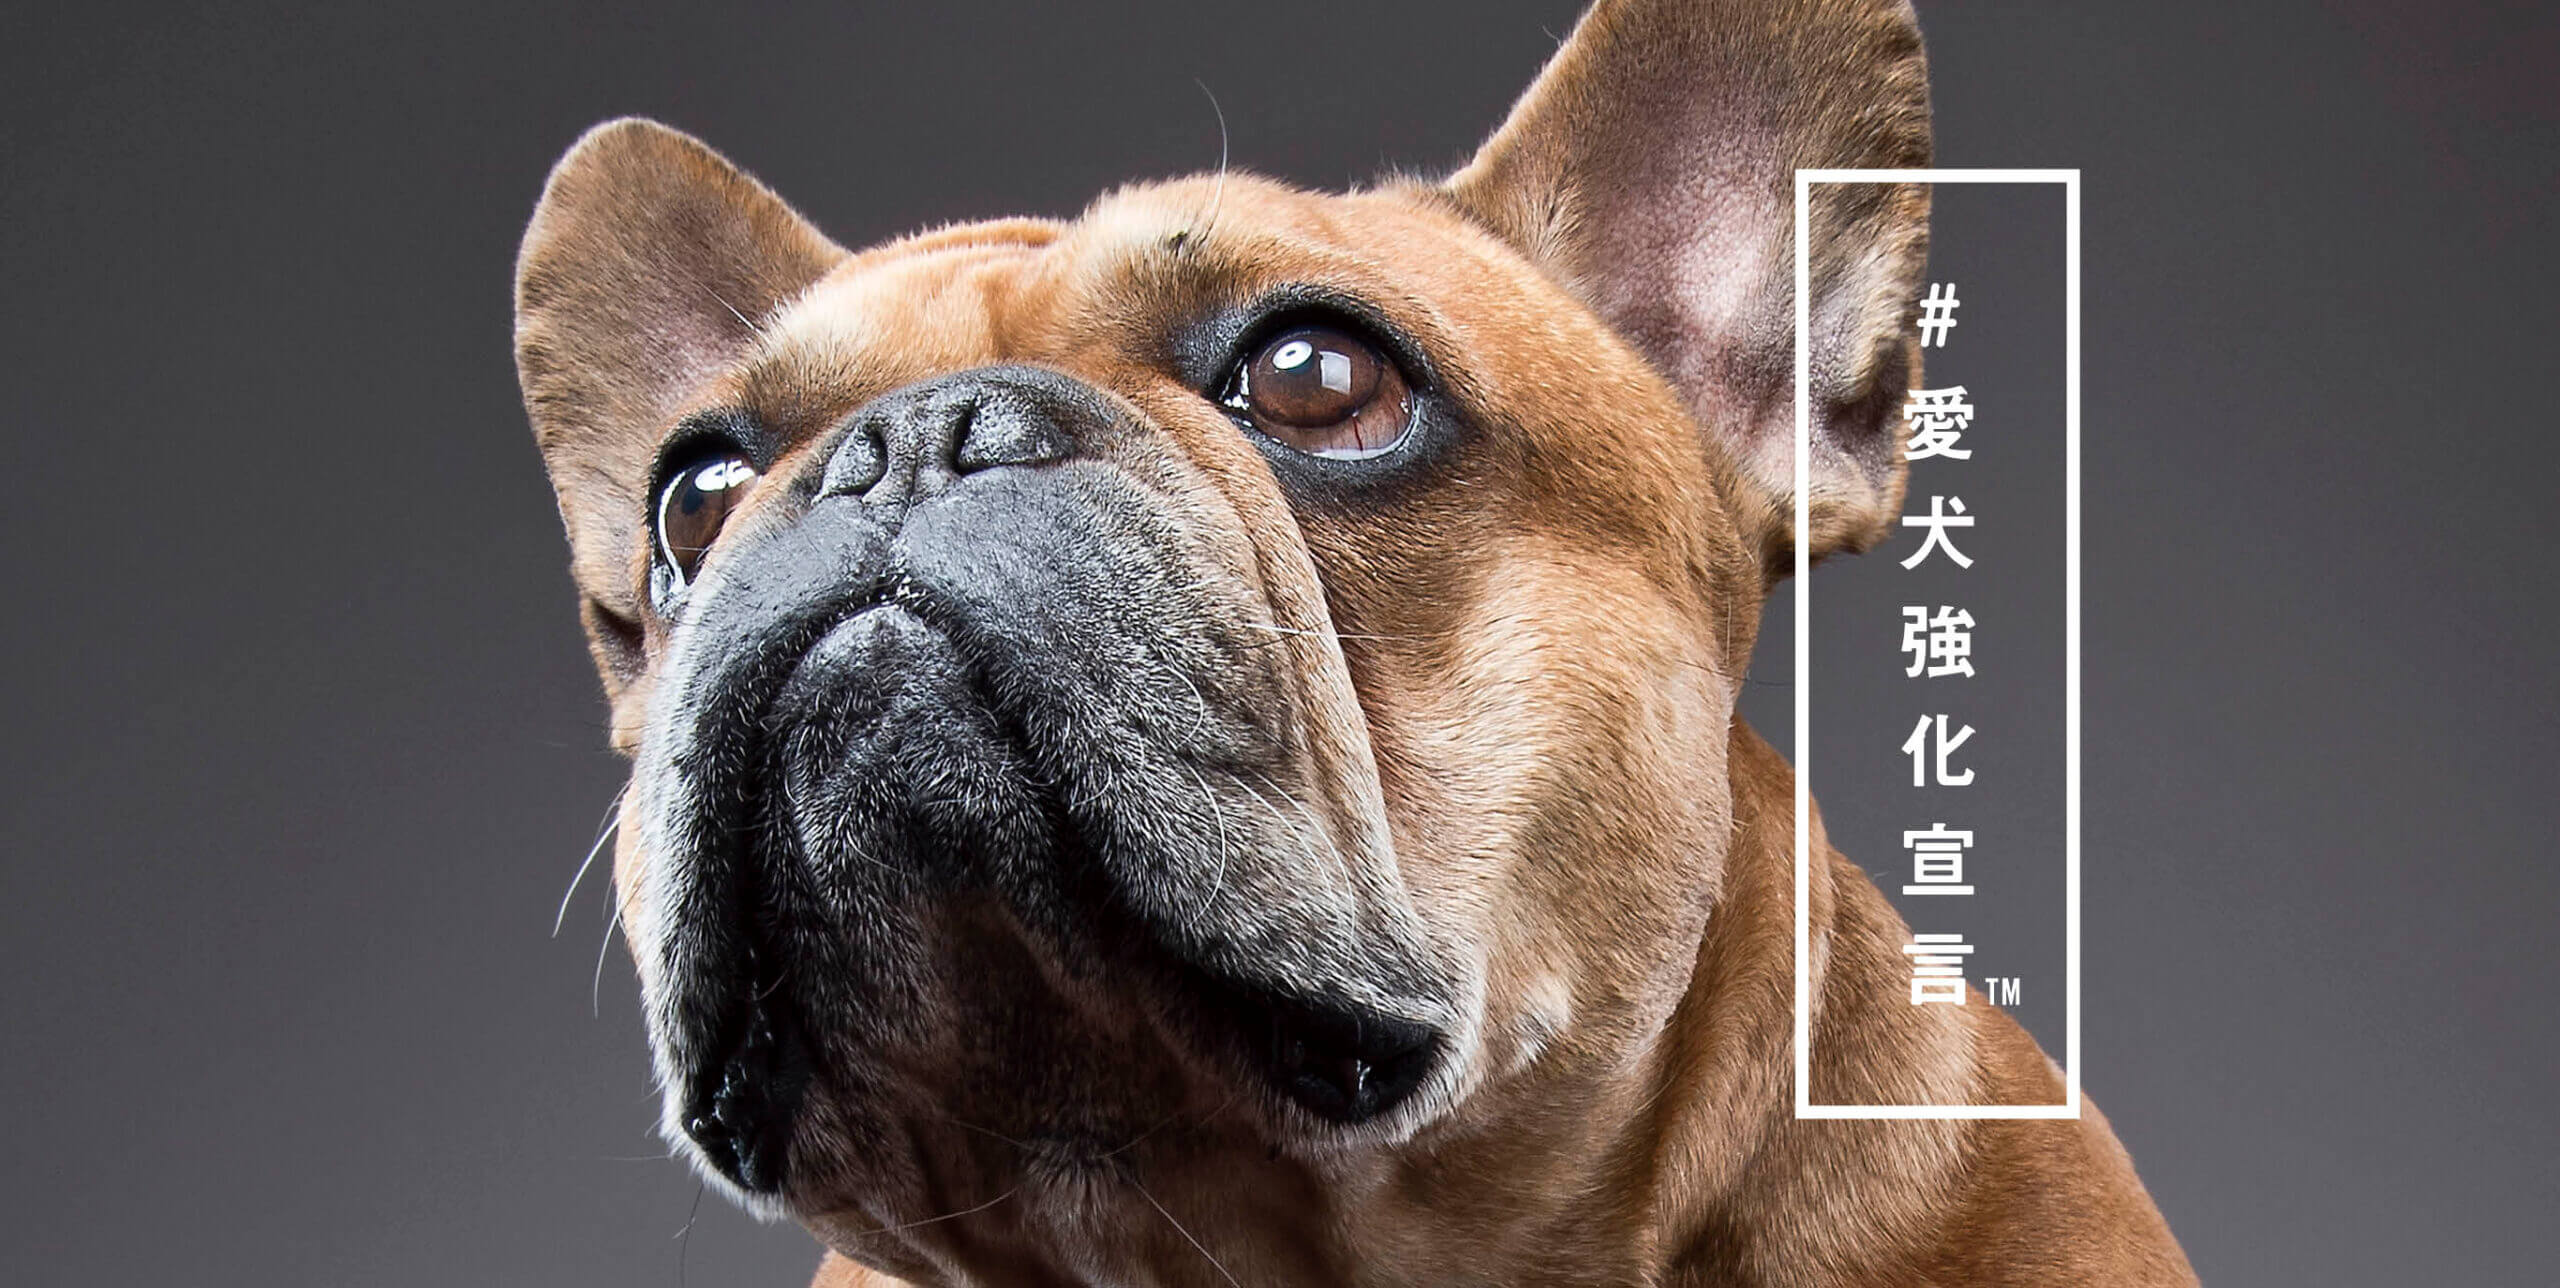 #愛犬強化宣言™/公式